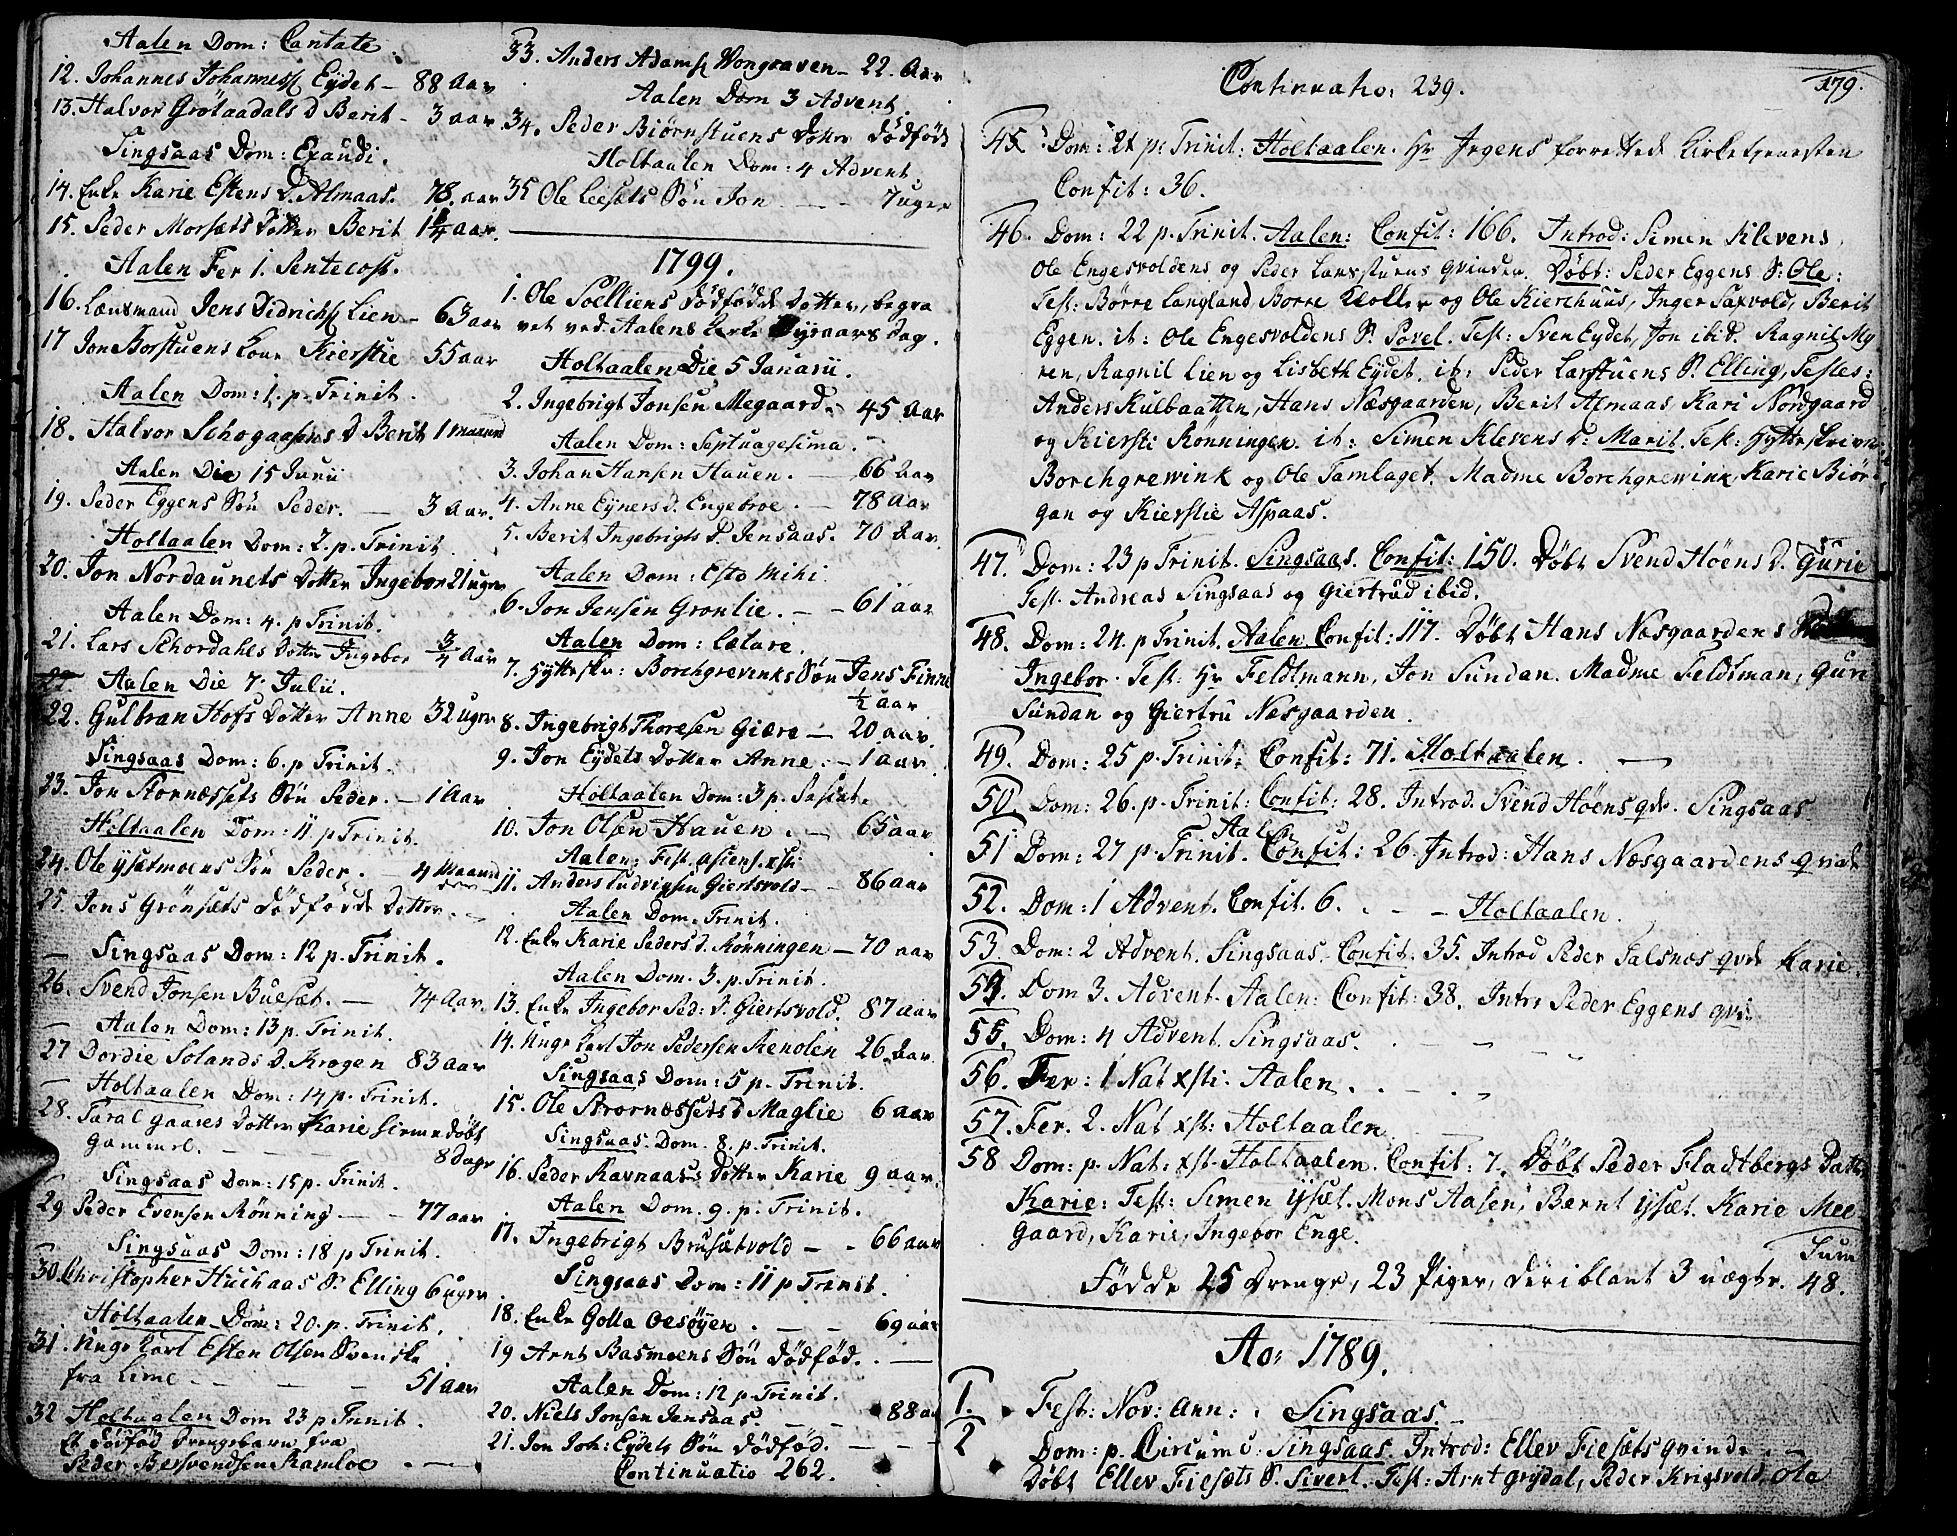 SAT, Ministerialprotokoller, klokkerbøker og fødselsregistre - Sør-Trøndelag, 685/L0952: Ministerialbok nr. 685A01, 1745-1804, s. 179